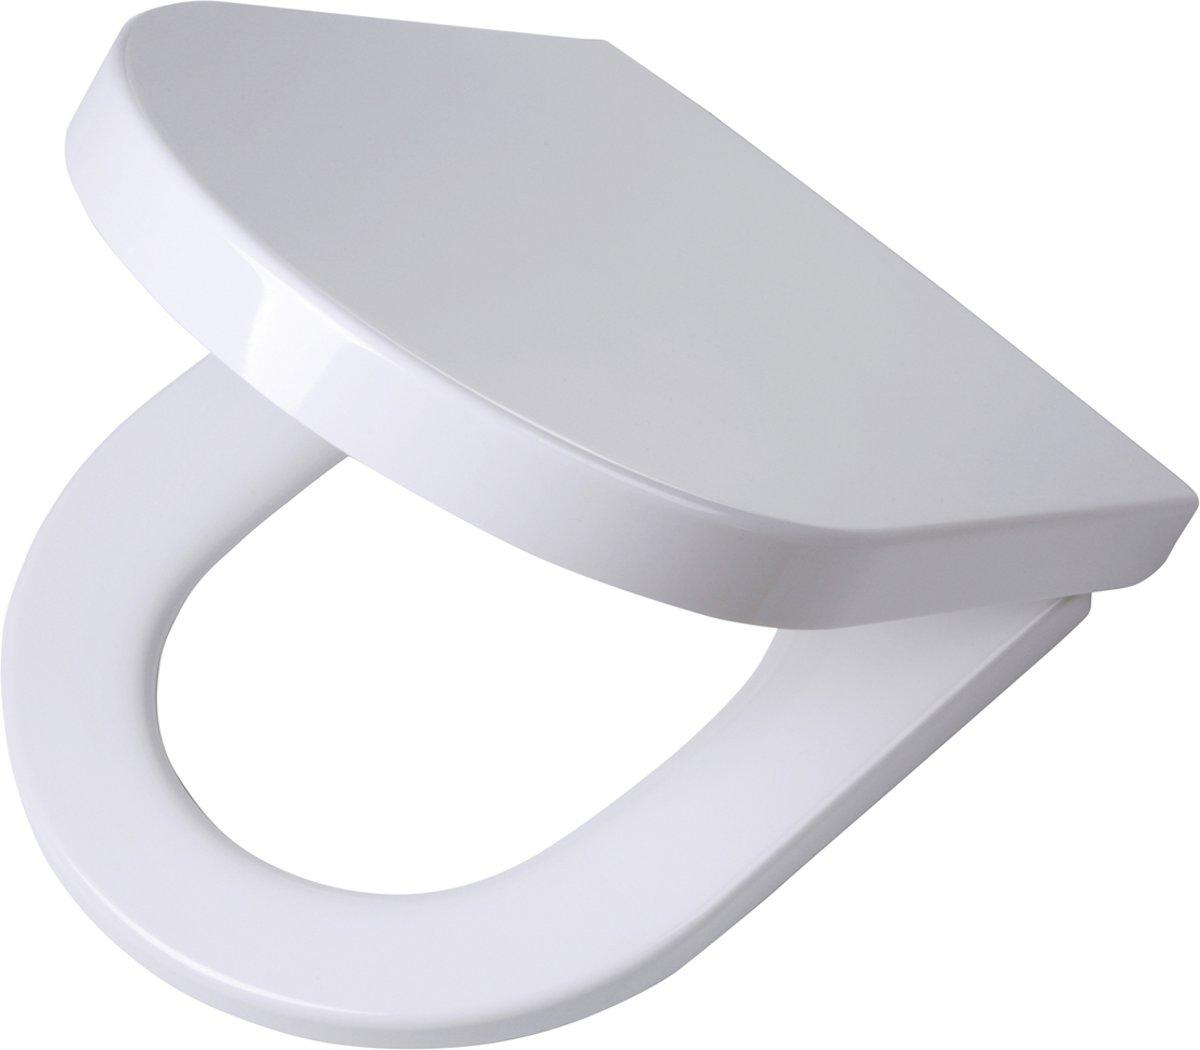 Duravit Wc Bril Vervangen.Bol Com D Vorm Wc Bril Kopen Alle Toiletbrillen Online